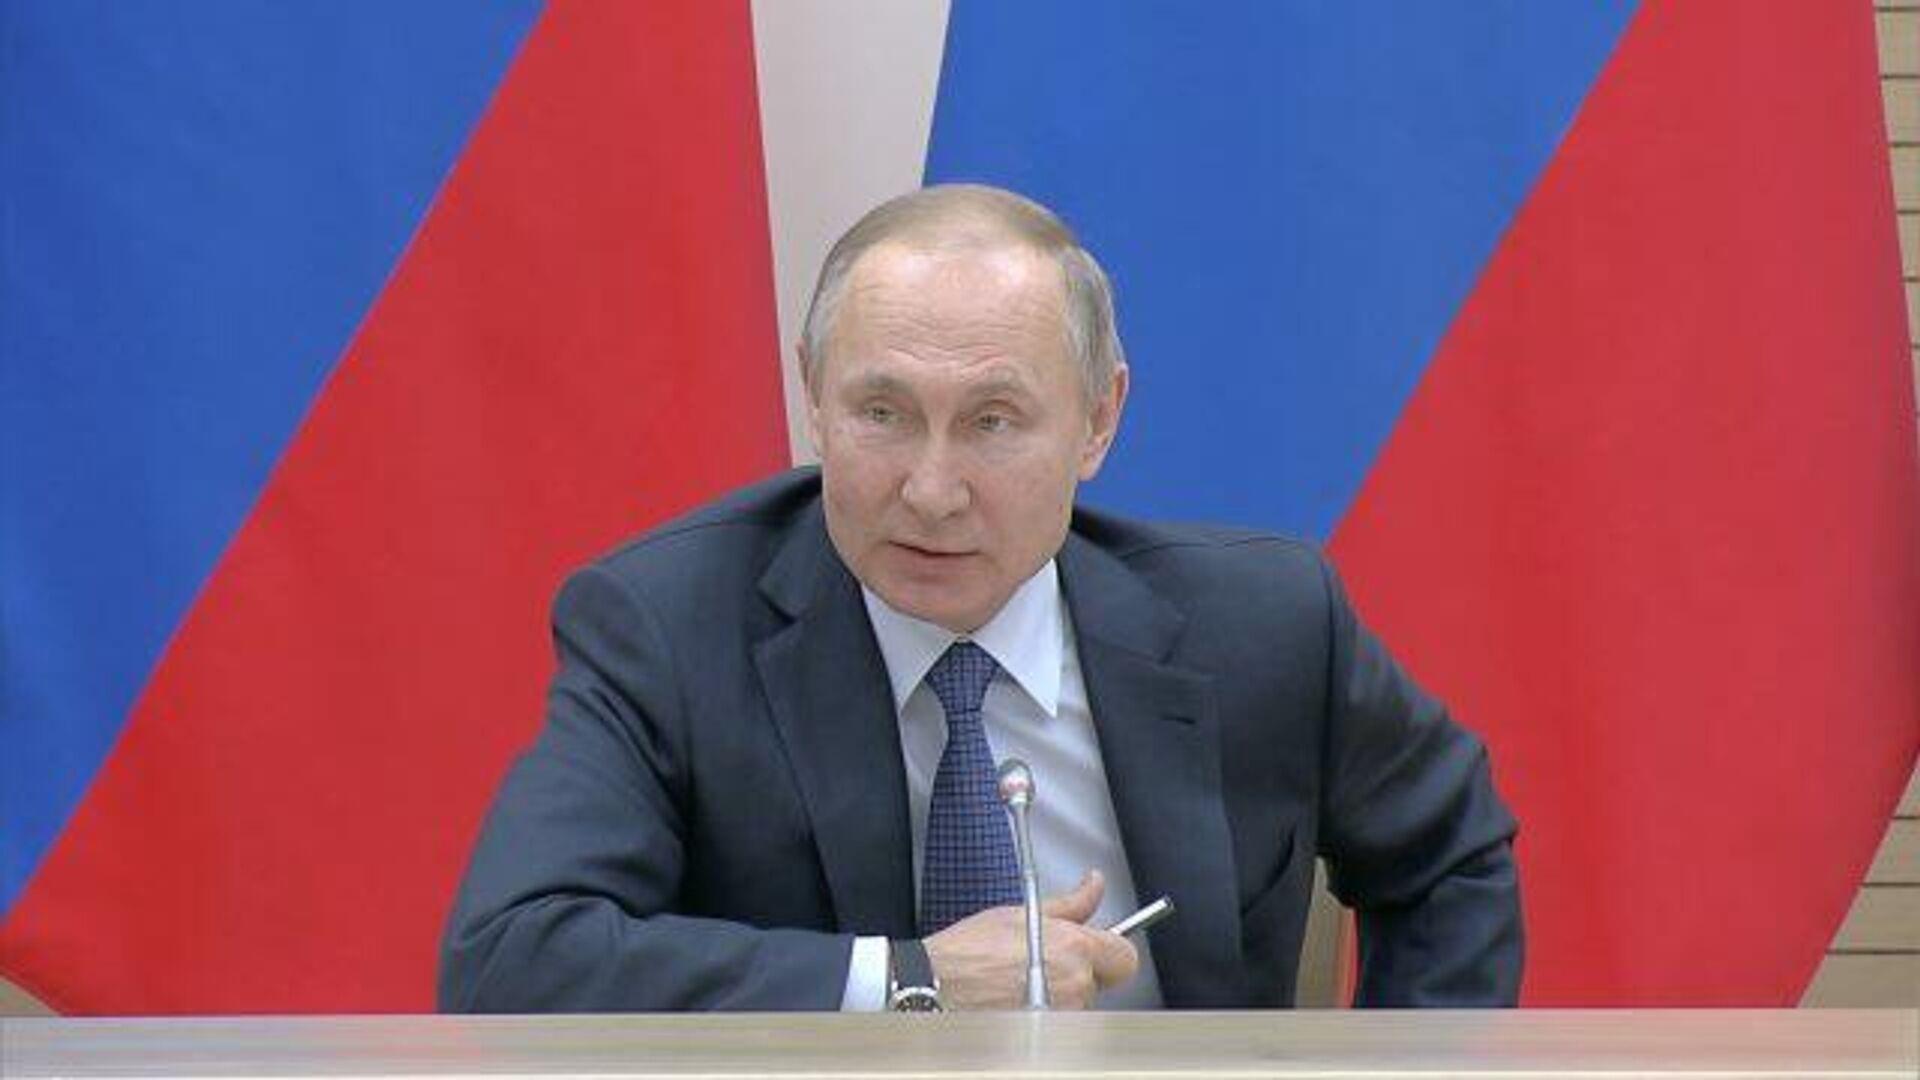 Путин: ядерное оружие может стать бессмысленным, но у России есть гиперзвуковое оружие - РИА Новости, 1920, 13.02.2020